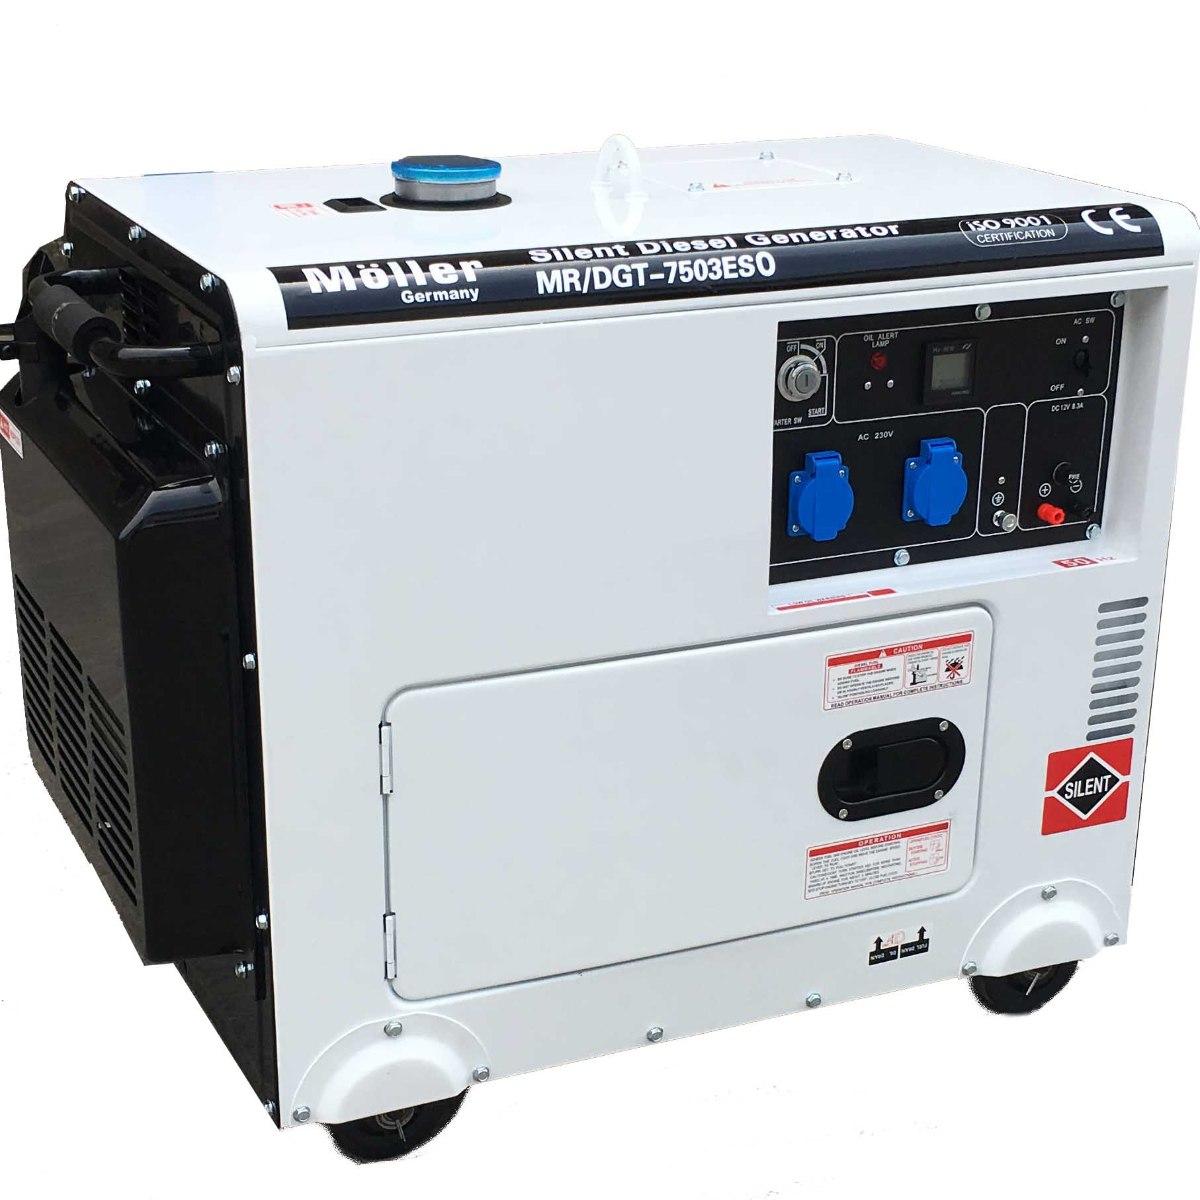 גנרטור דיזל מושתק 7500W חד פאזי של מולר ג'רמני